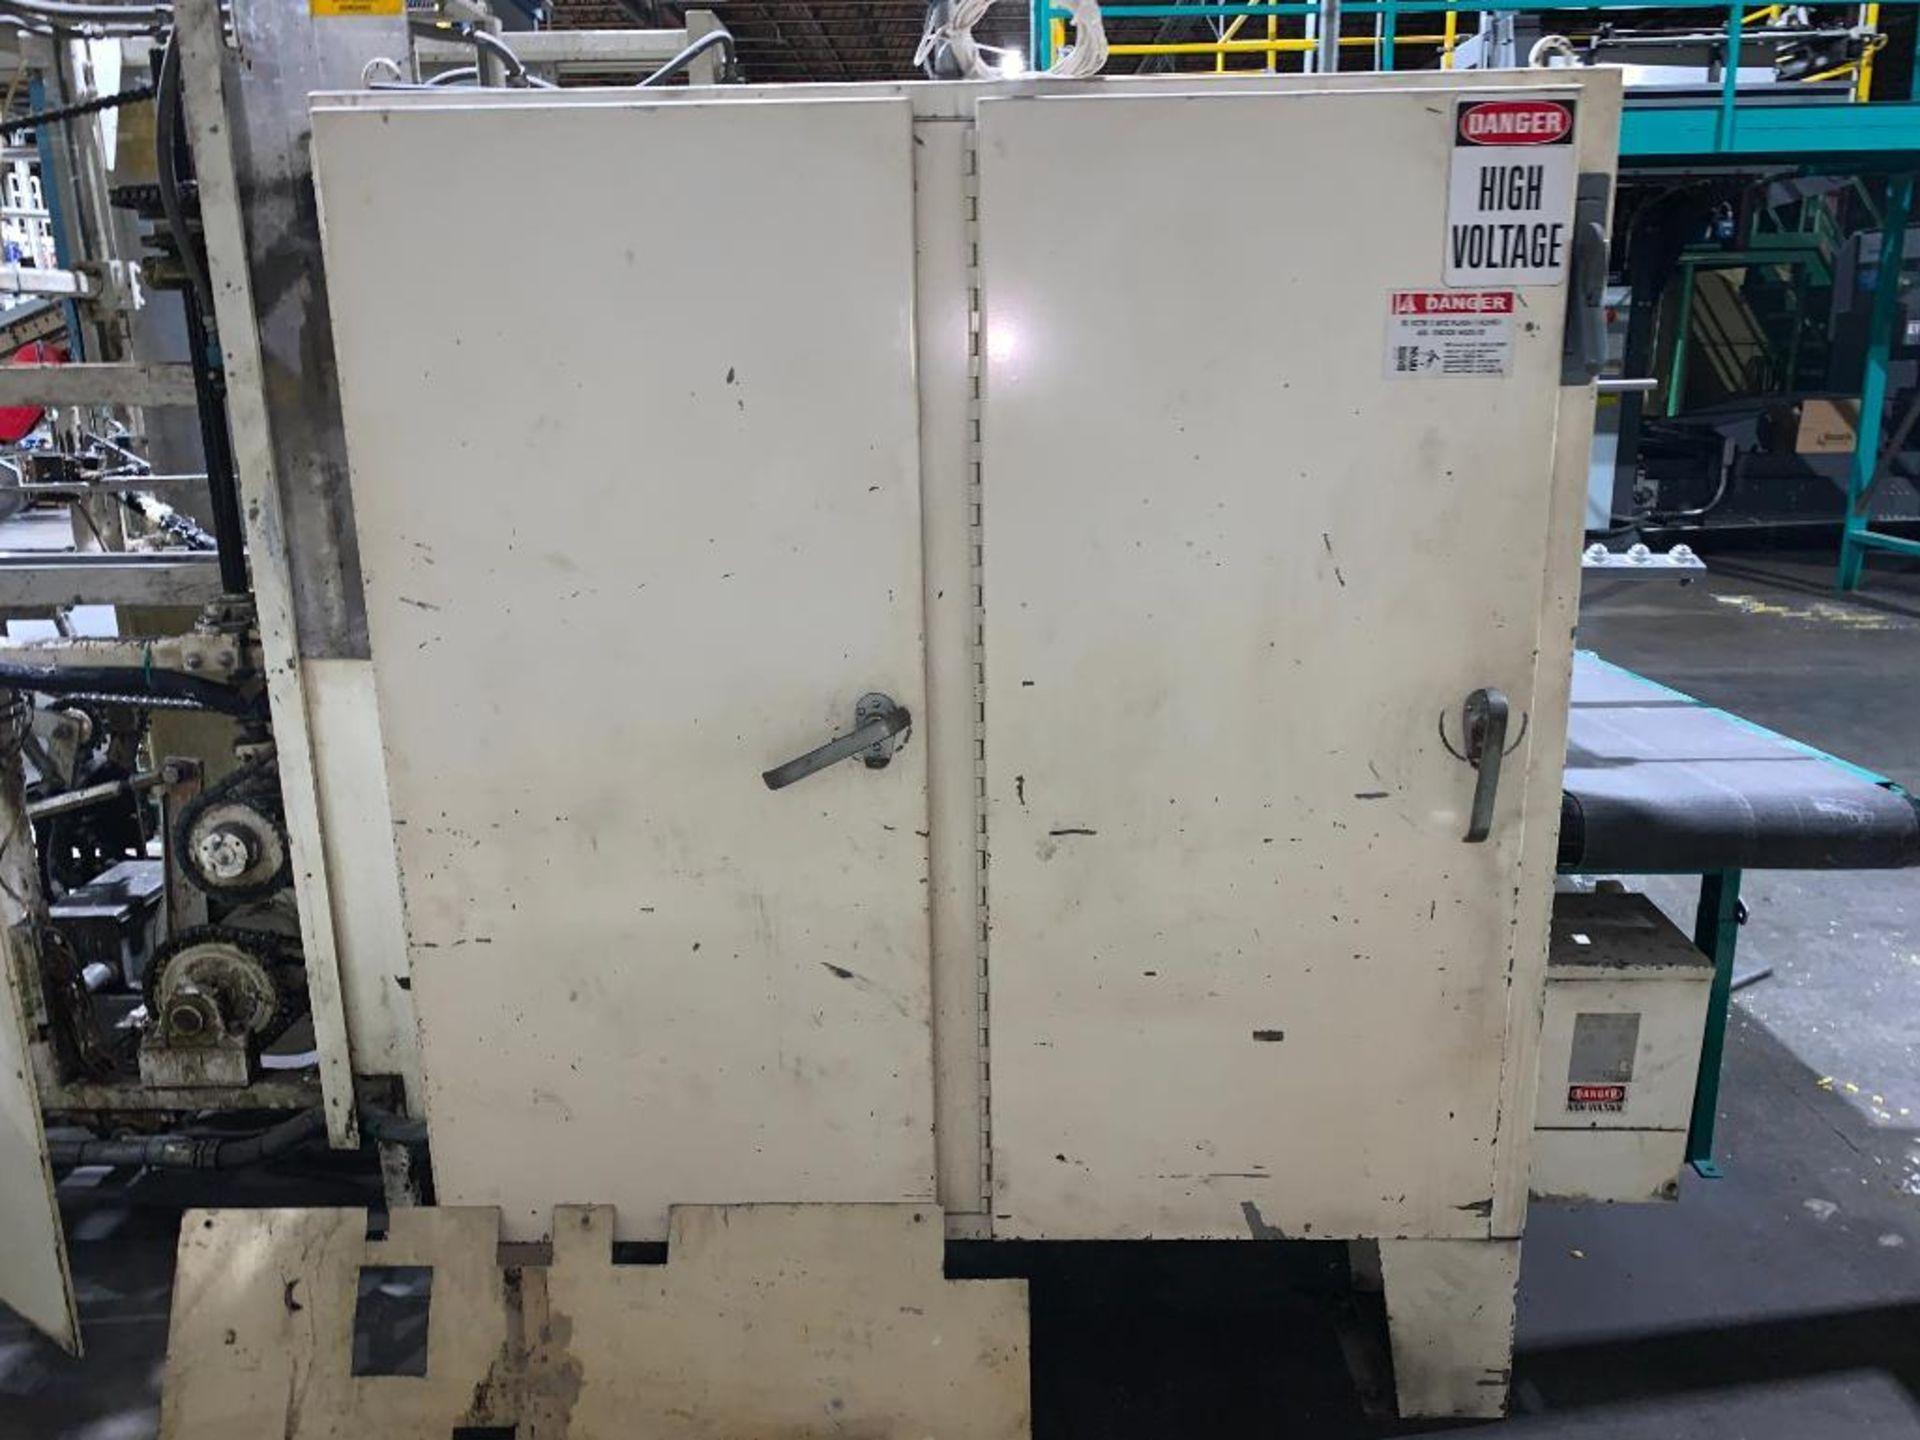 Salwasser case erector and case packer, model L41 - Image 31 of 45